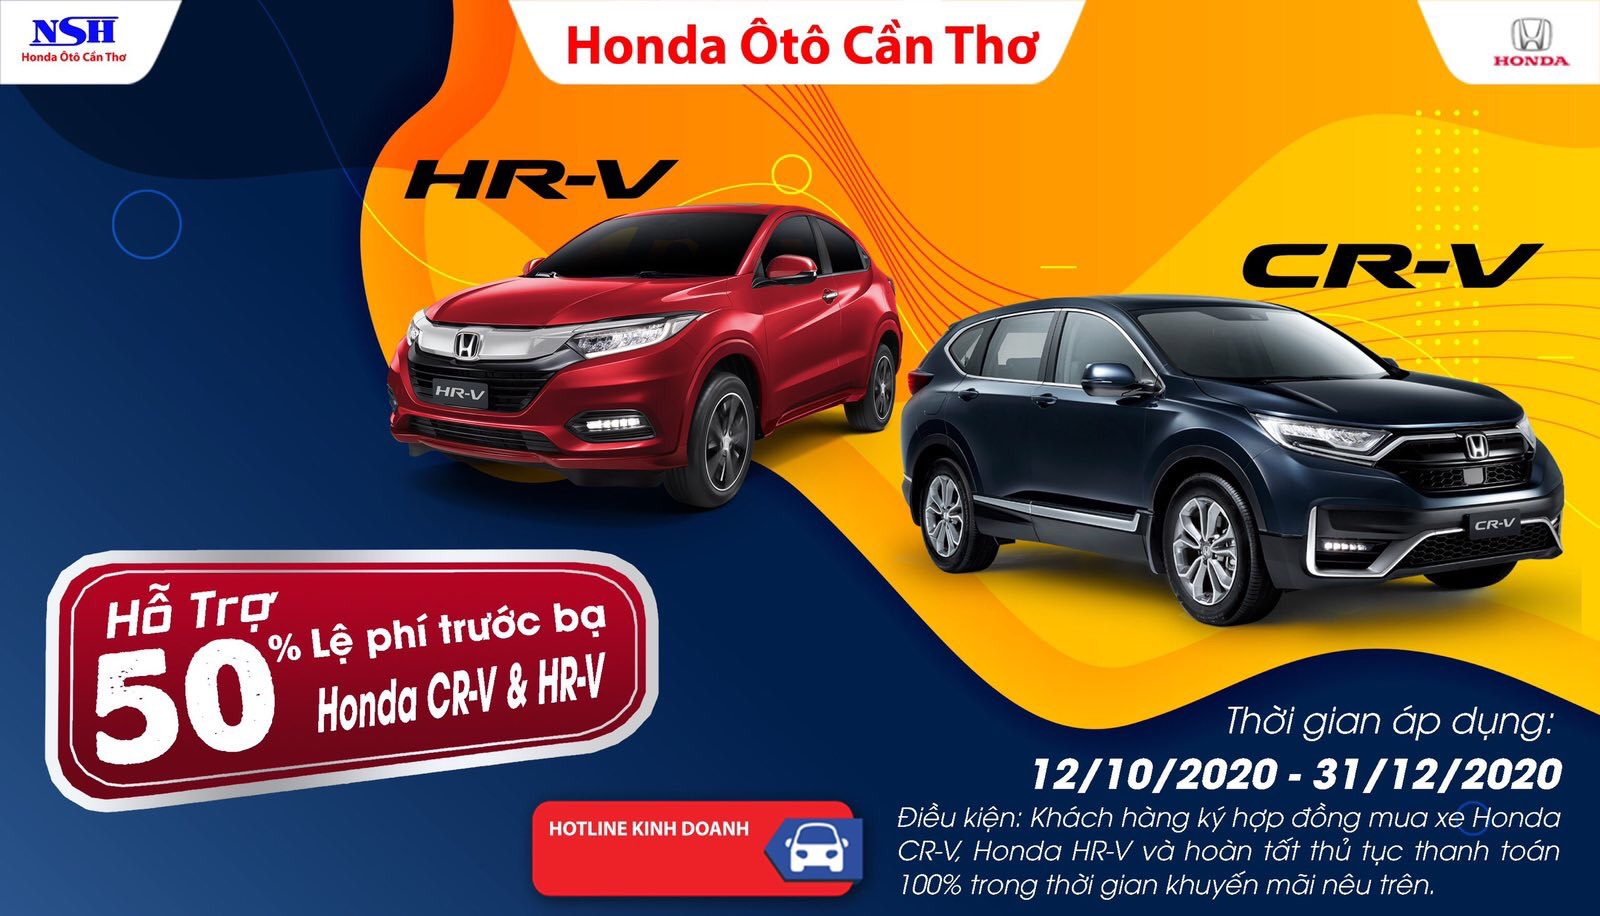 Chương trình hỗ trợ đặt biệt cho mẫu xe Honda CR-V 2020